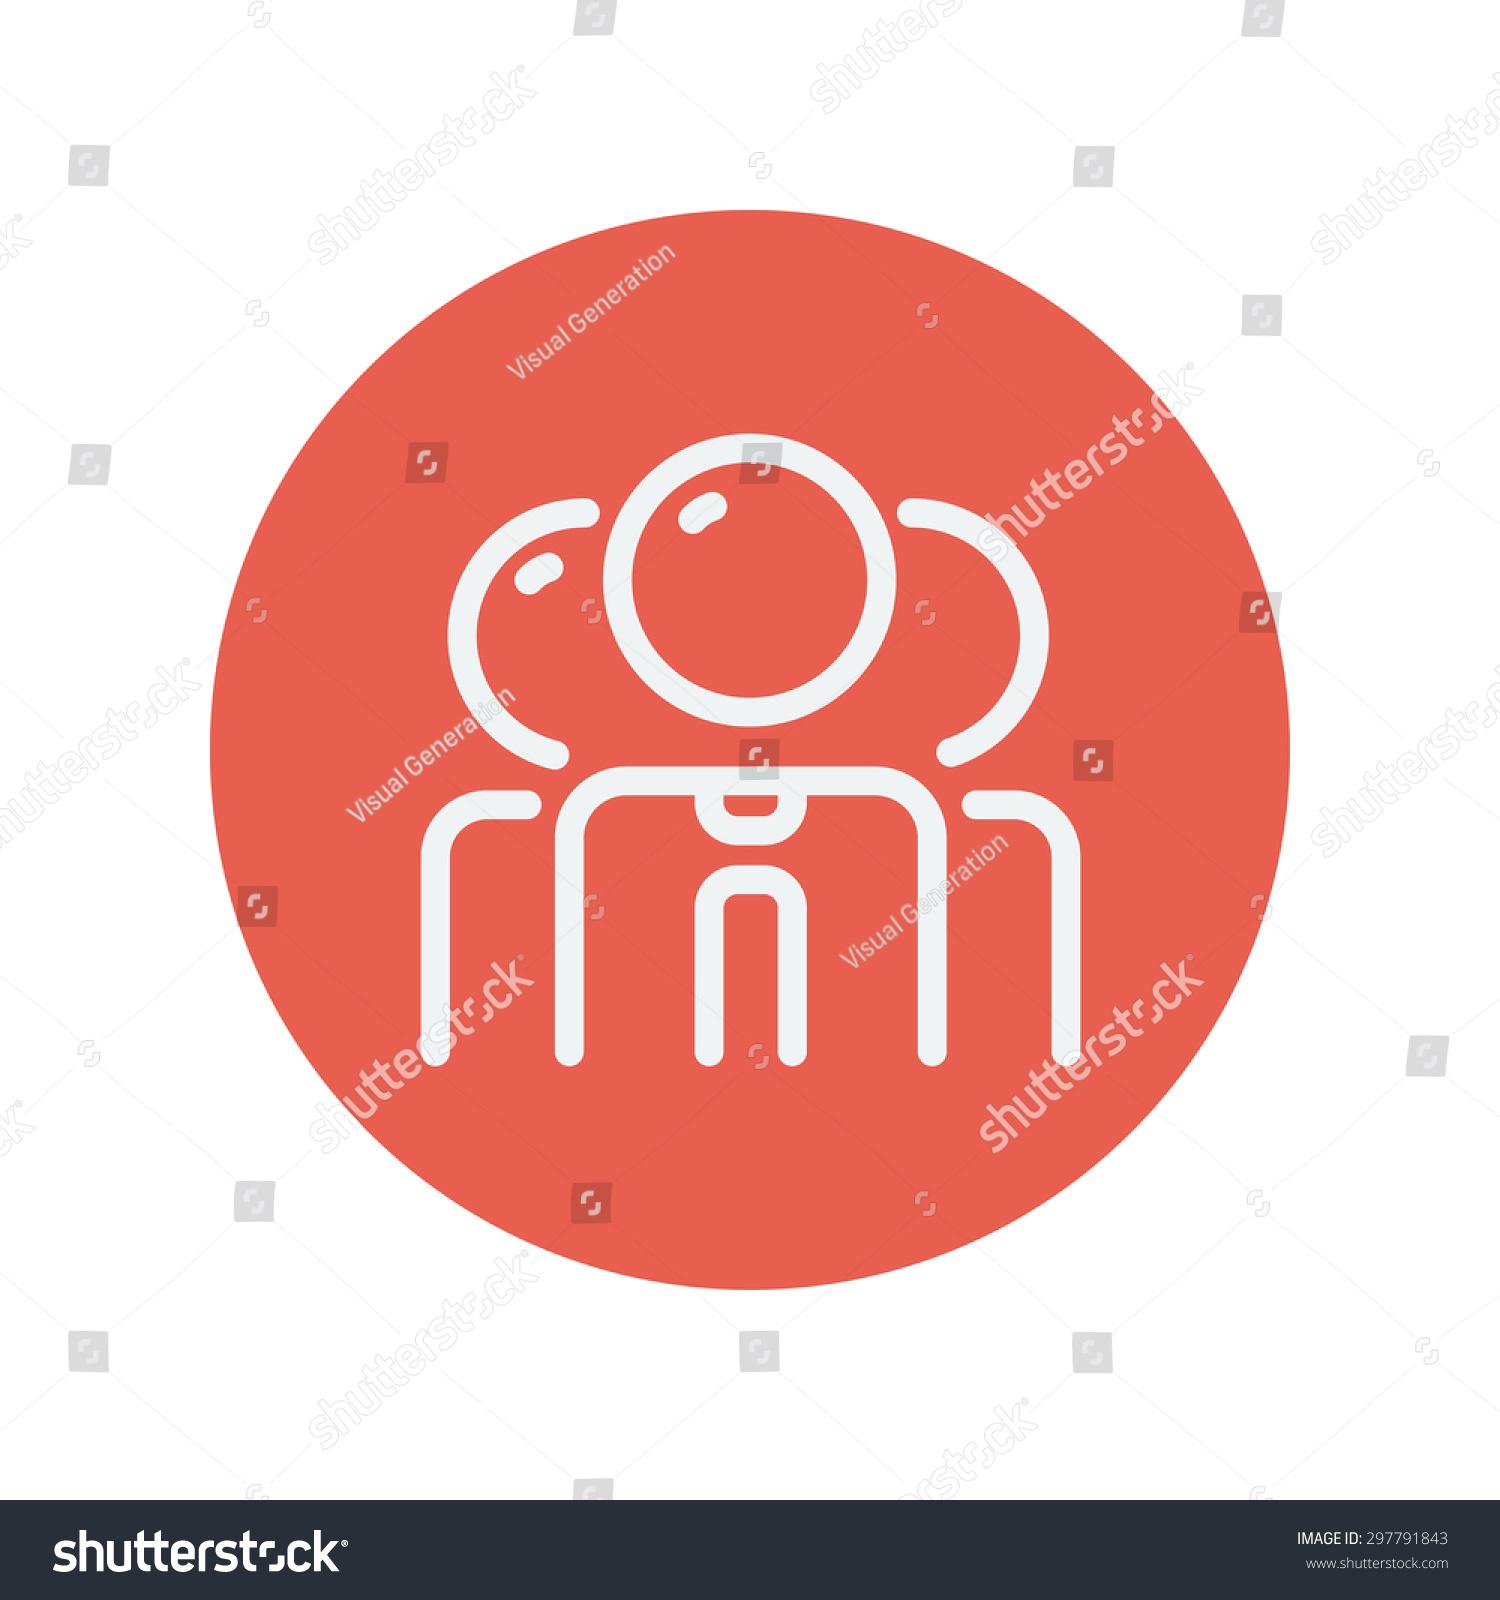 商人细线图标为web和移动简约平面设计组.红色圆圈内.